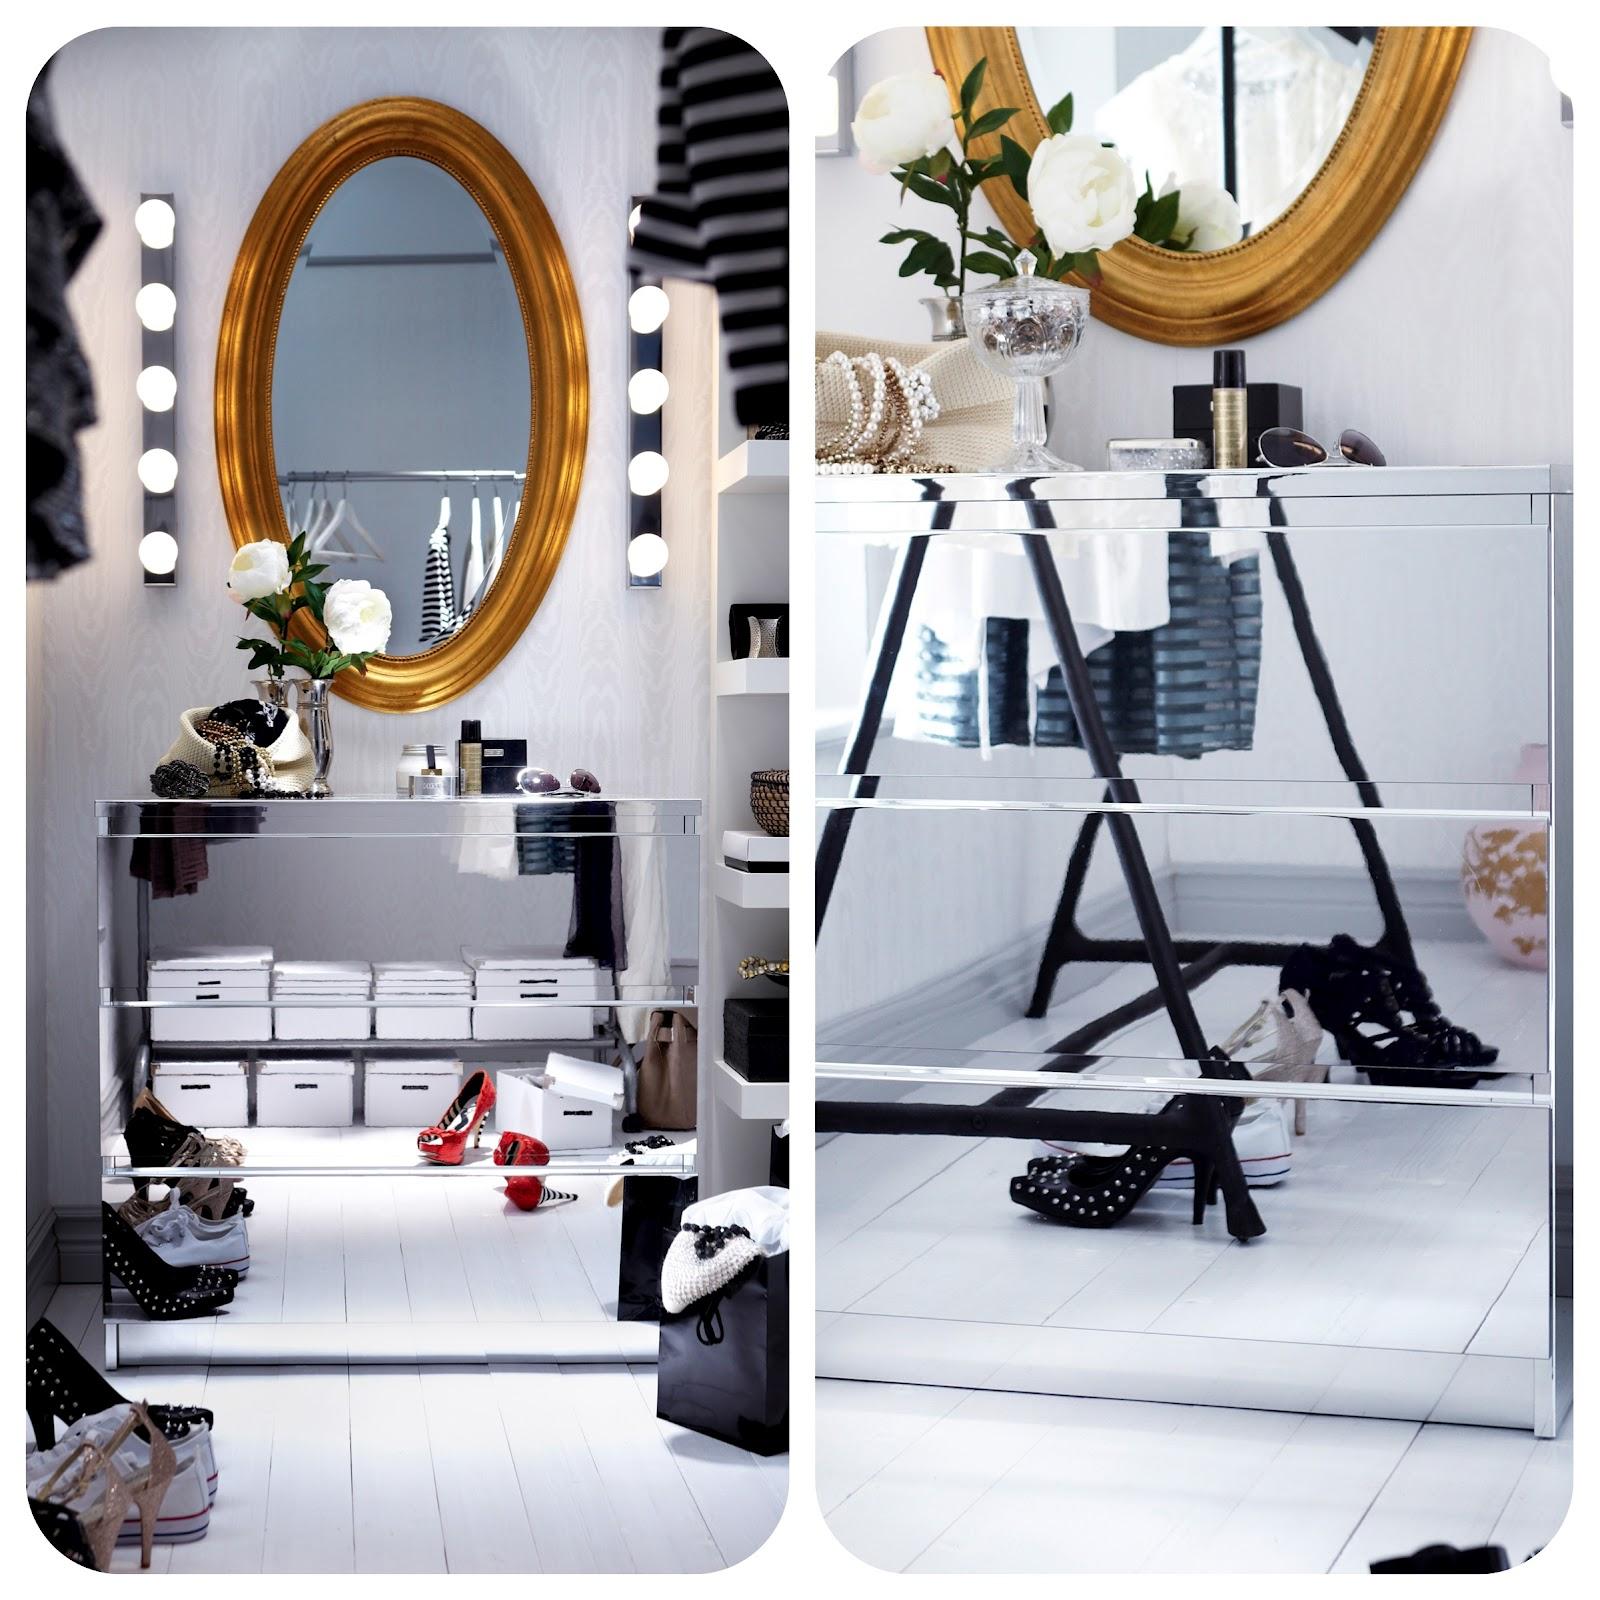 bastian der wohnprinz wohnblogger im videoformat ikea katalog 2013 mein vorgeschmack. Black Bedroom Furniture Sets. Home Design Ideas